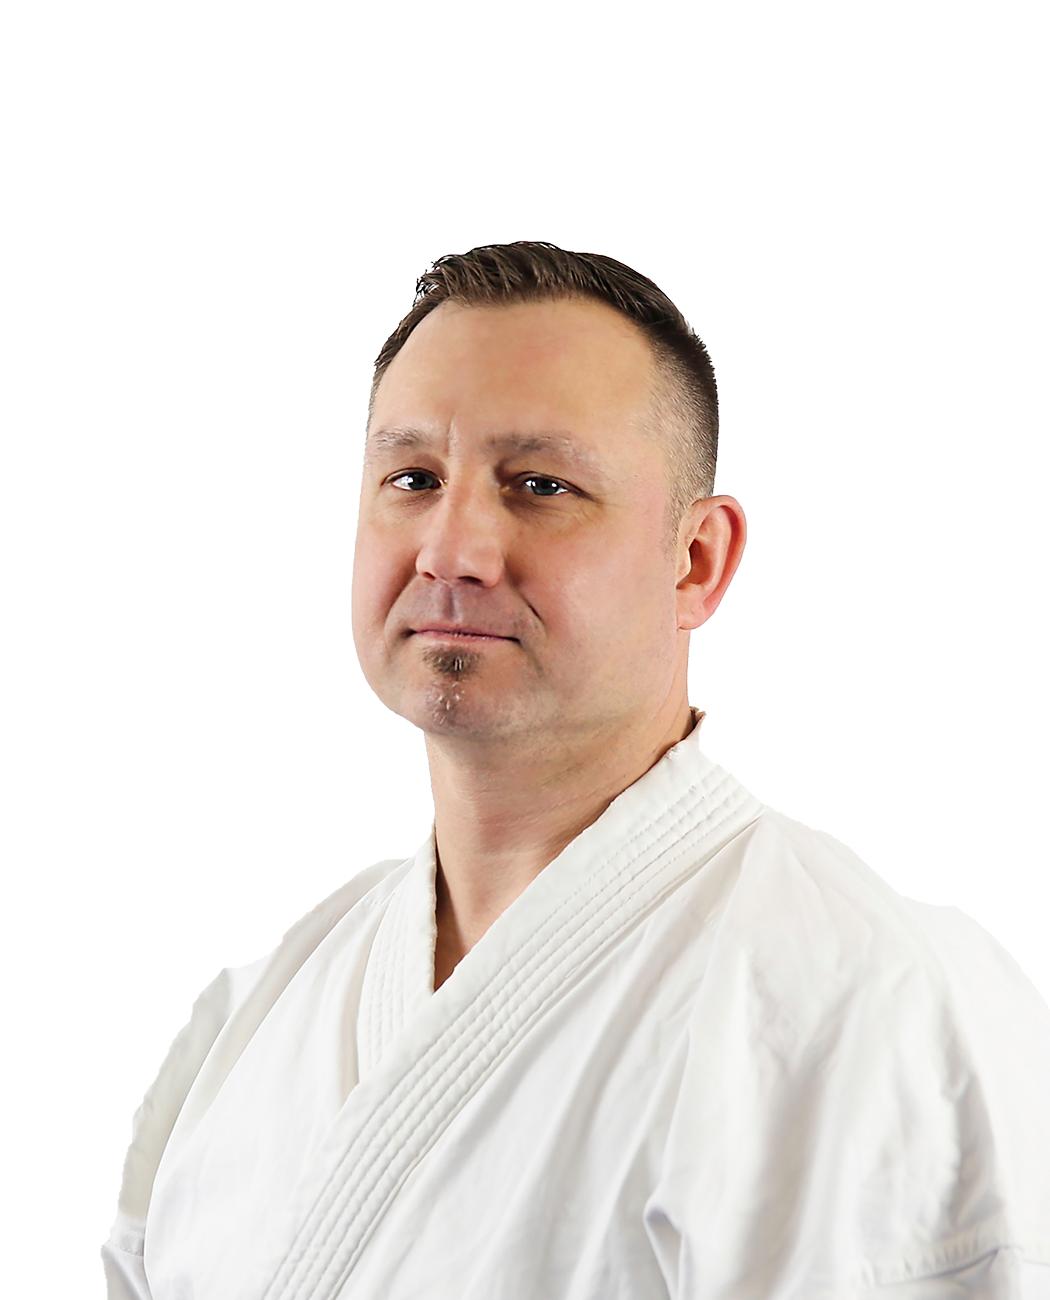 Karate_Trainer_Enrico-Kleiner_Portrait